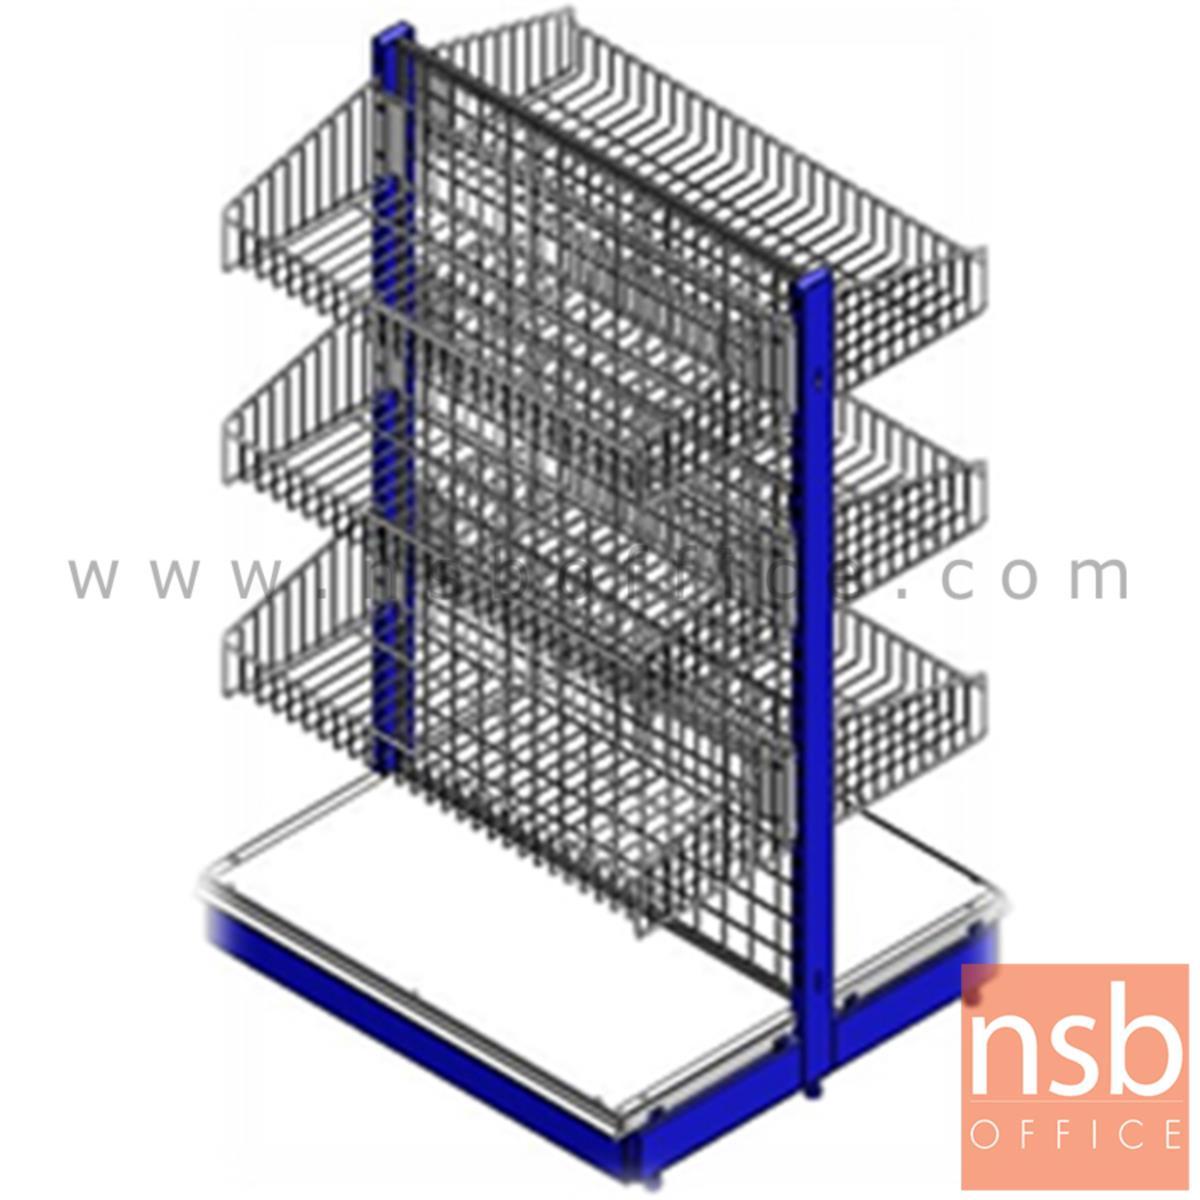 D06A024:ชั้นวางสินค้าสองหน้าหลังตาข่ายแบบตะกร้า รุ่น BUNDABERG (บันดาเบิร์ก) ขนาด 90W ,100W ,120W*80D cm. แบบตัวตั้งและตัวต่อ